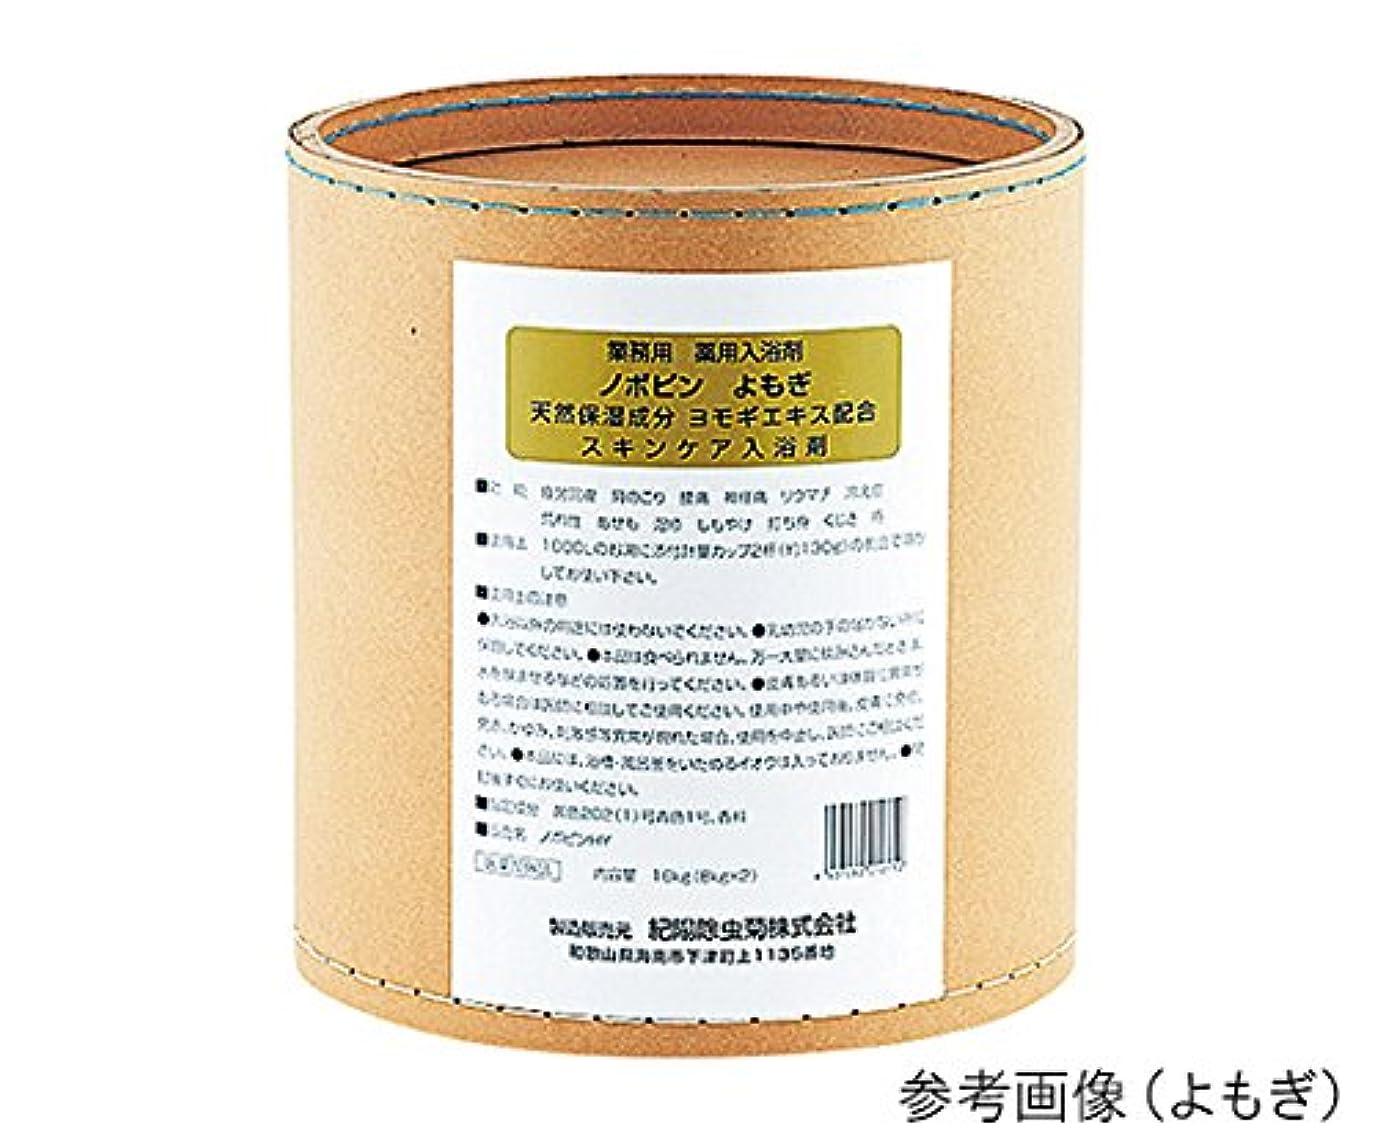 打倒縁石スタンド紀陽除虫菊7-2541-03業務用薬用入浴剤(ノボピン)カミツレ(8kg×2個入)